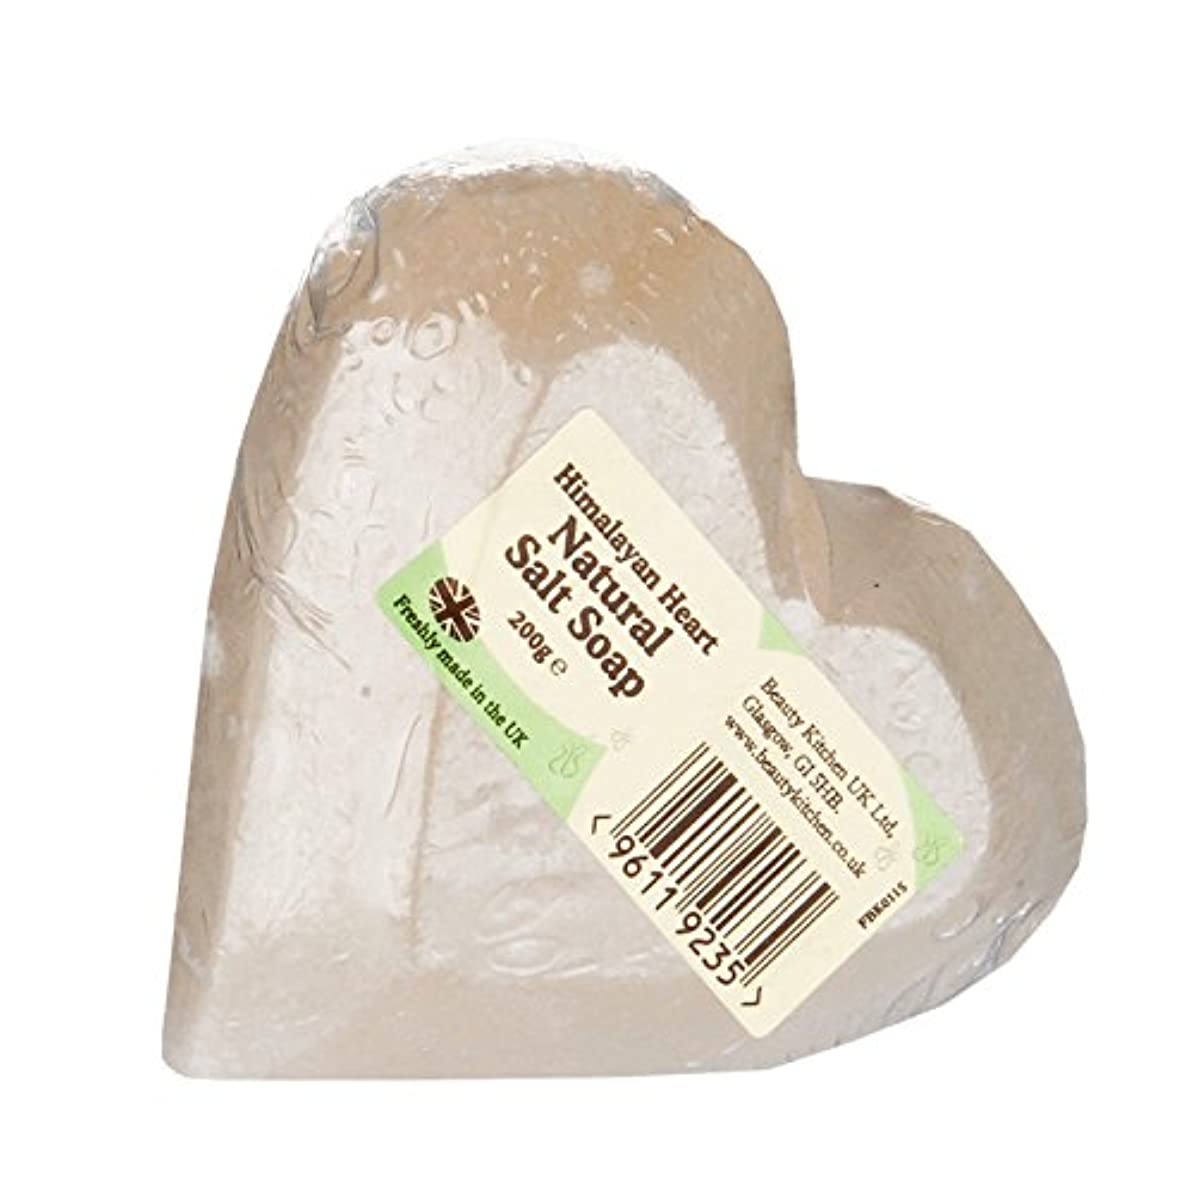 支払い見物人推定するBeauty Kitchen Himalayan Heart Soap 200g (Pack of 6) - 美容キッチンヒマラヤンハートソープ200グラム (x6) [並行輸入品]